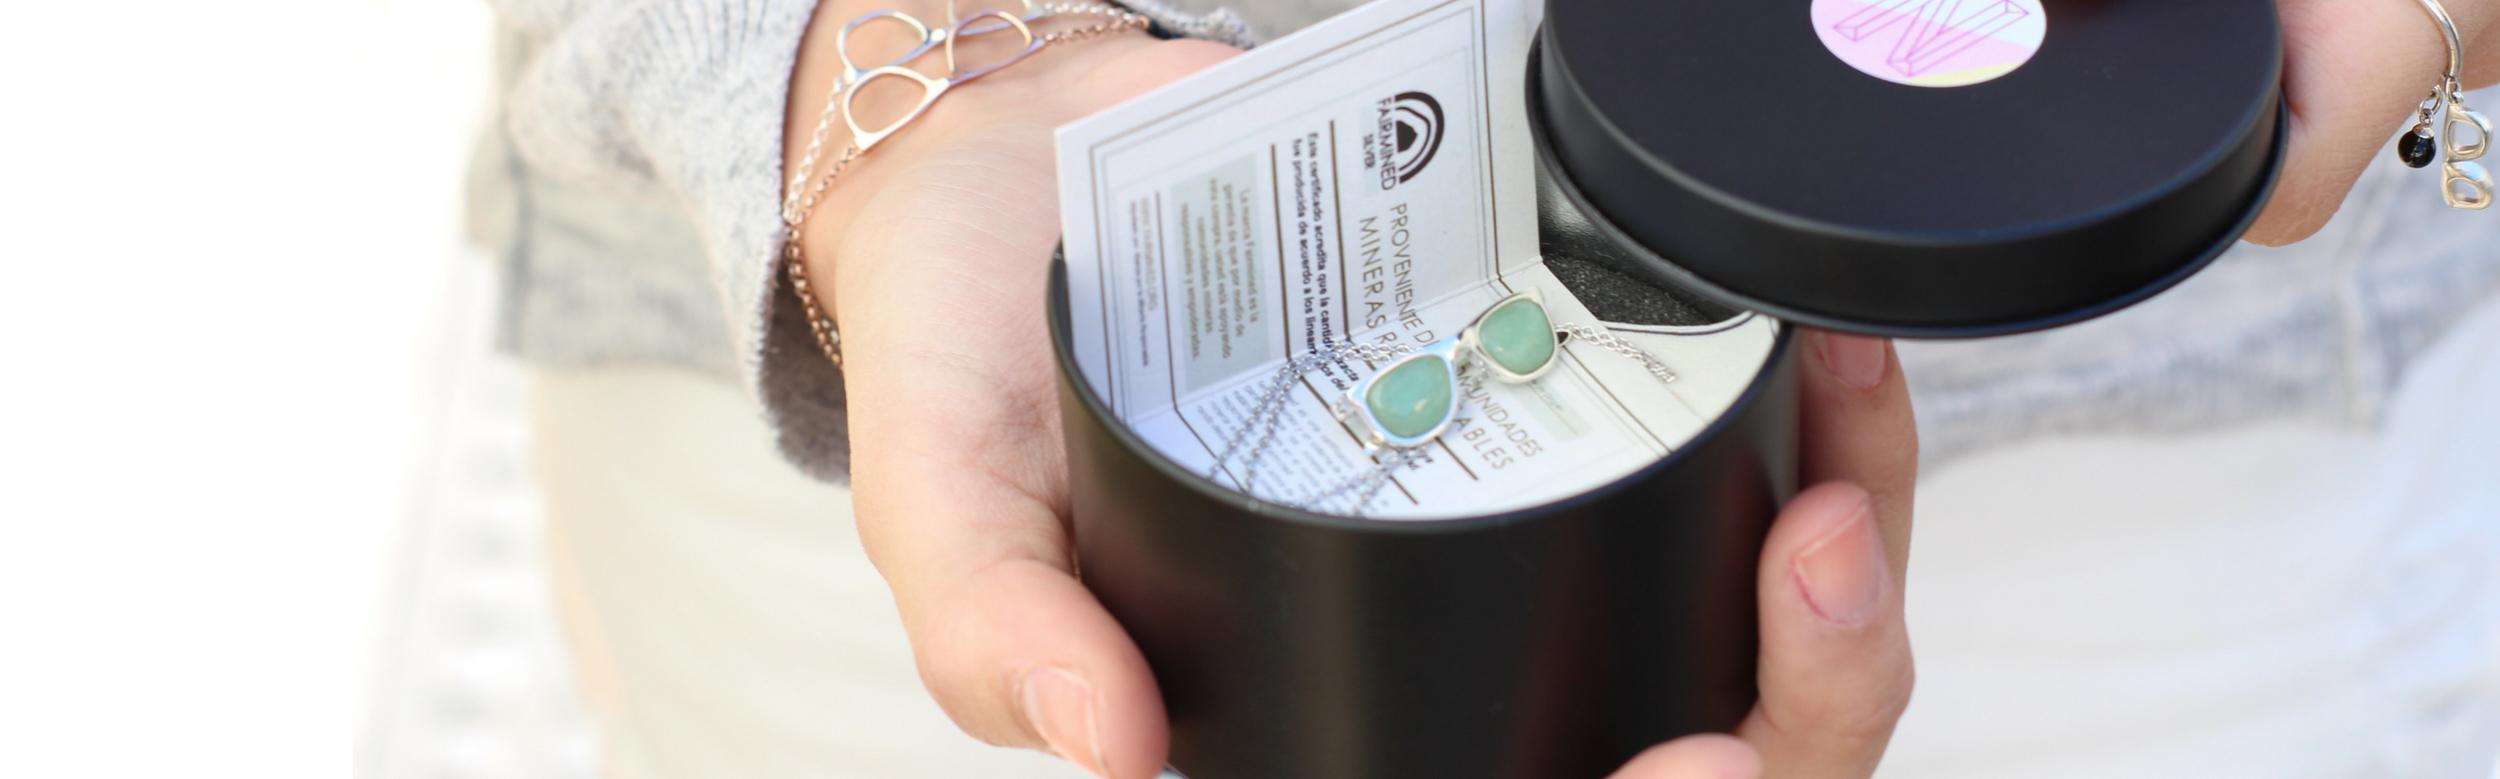 guia de producto-Joyería sostenible-NEHCAA